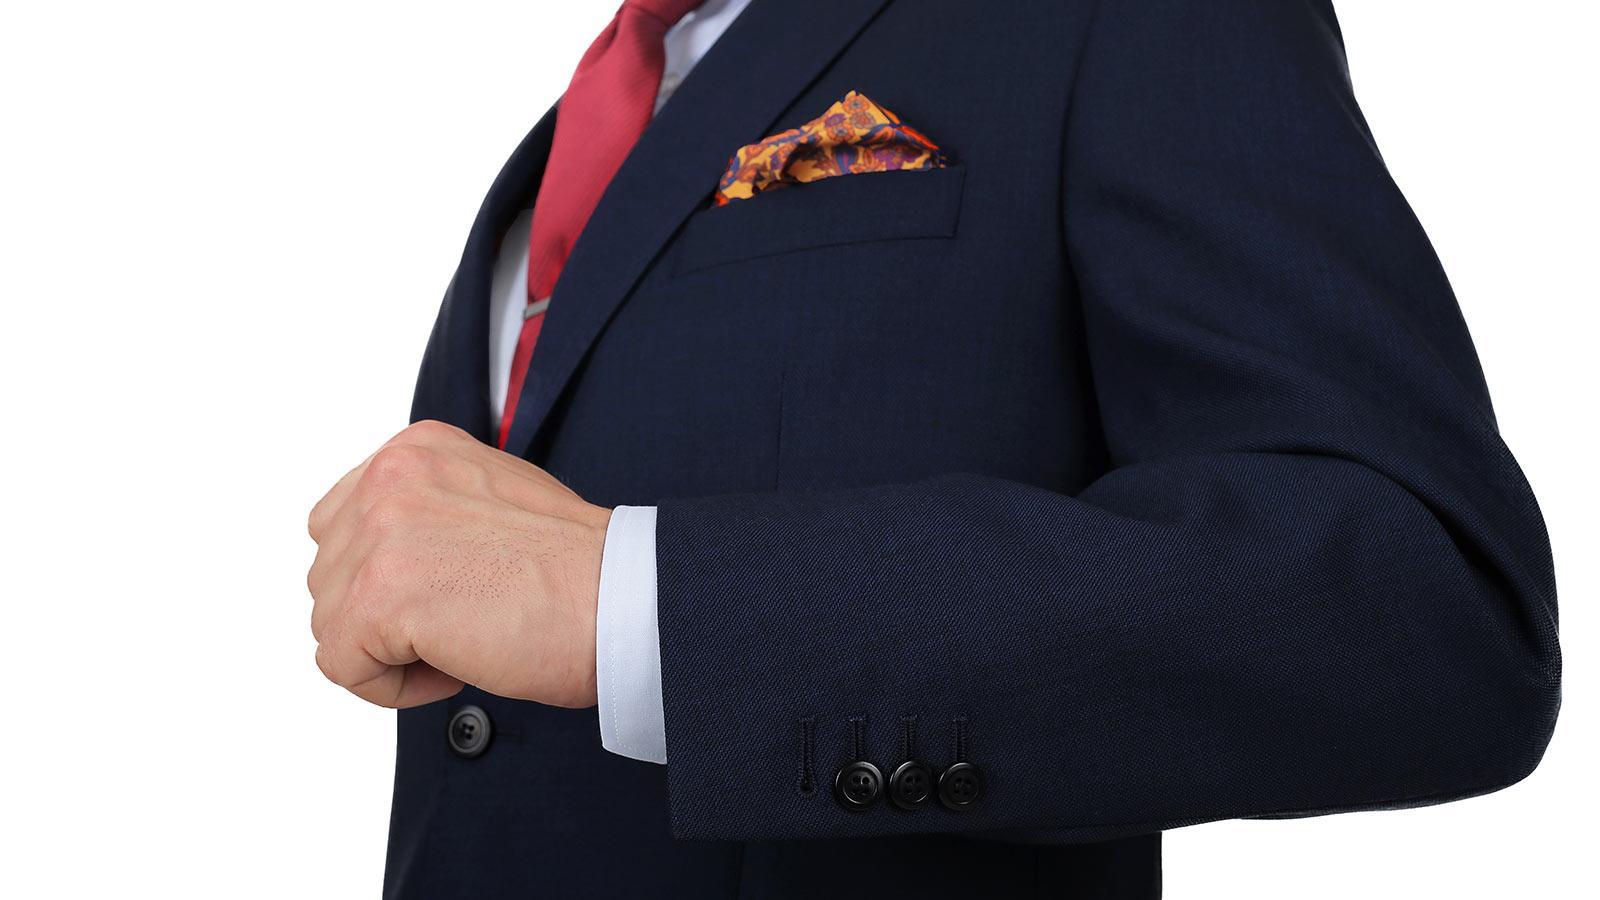 Blue Sharkskin Suit - slider image 1